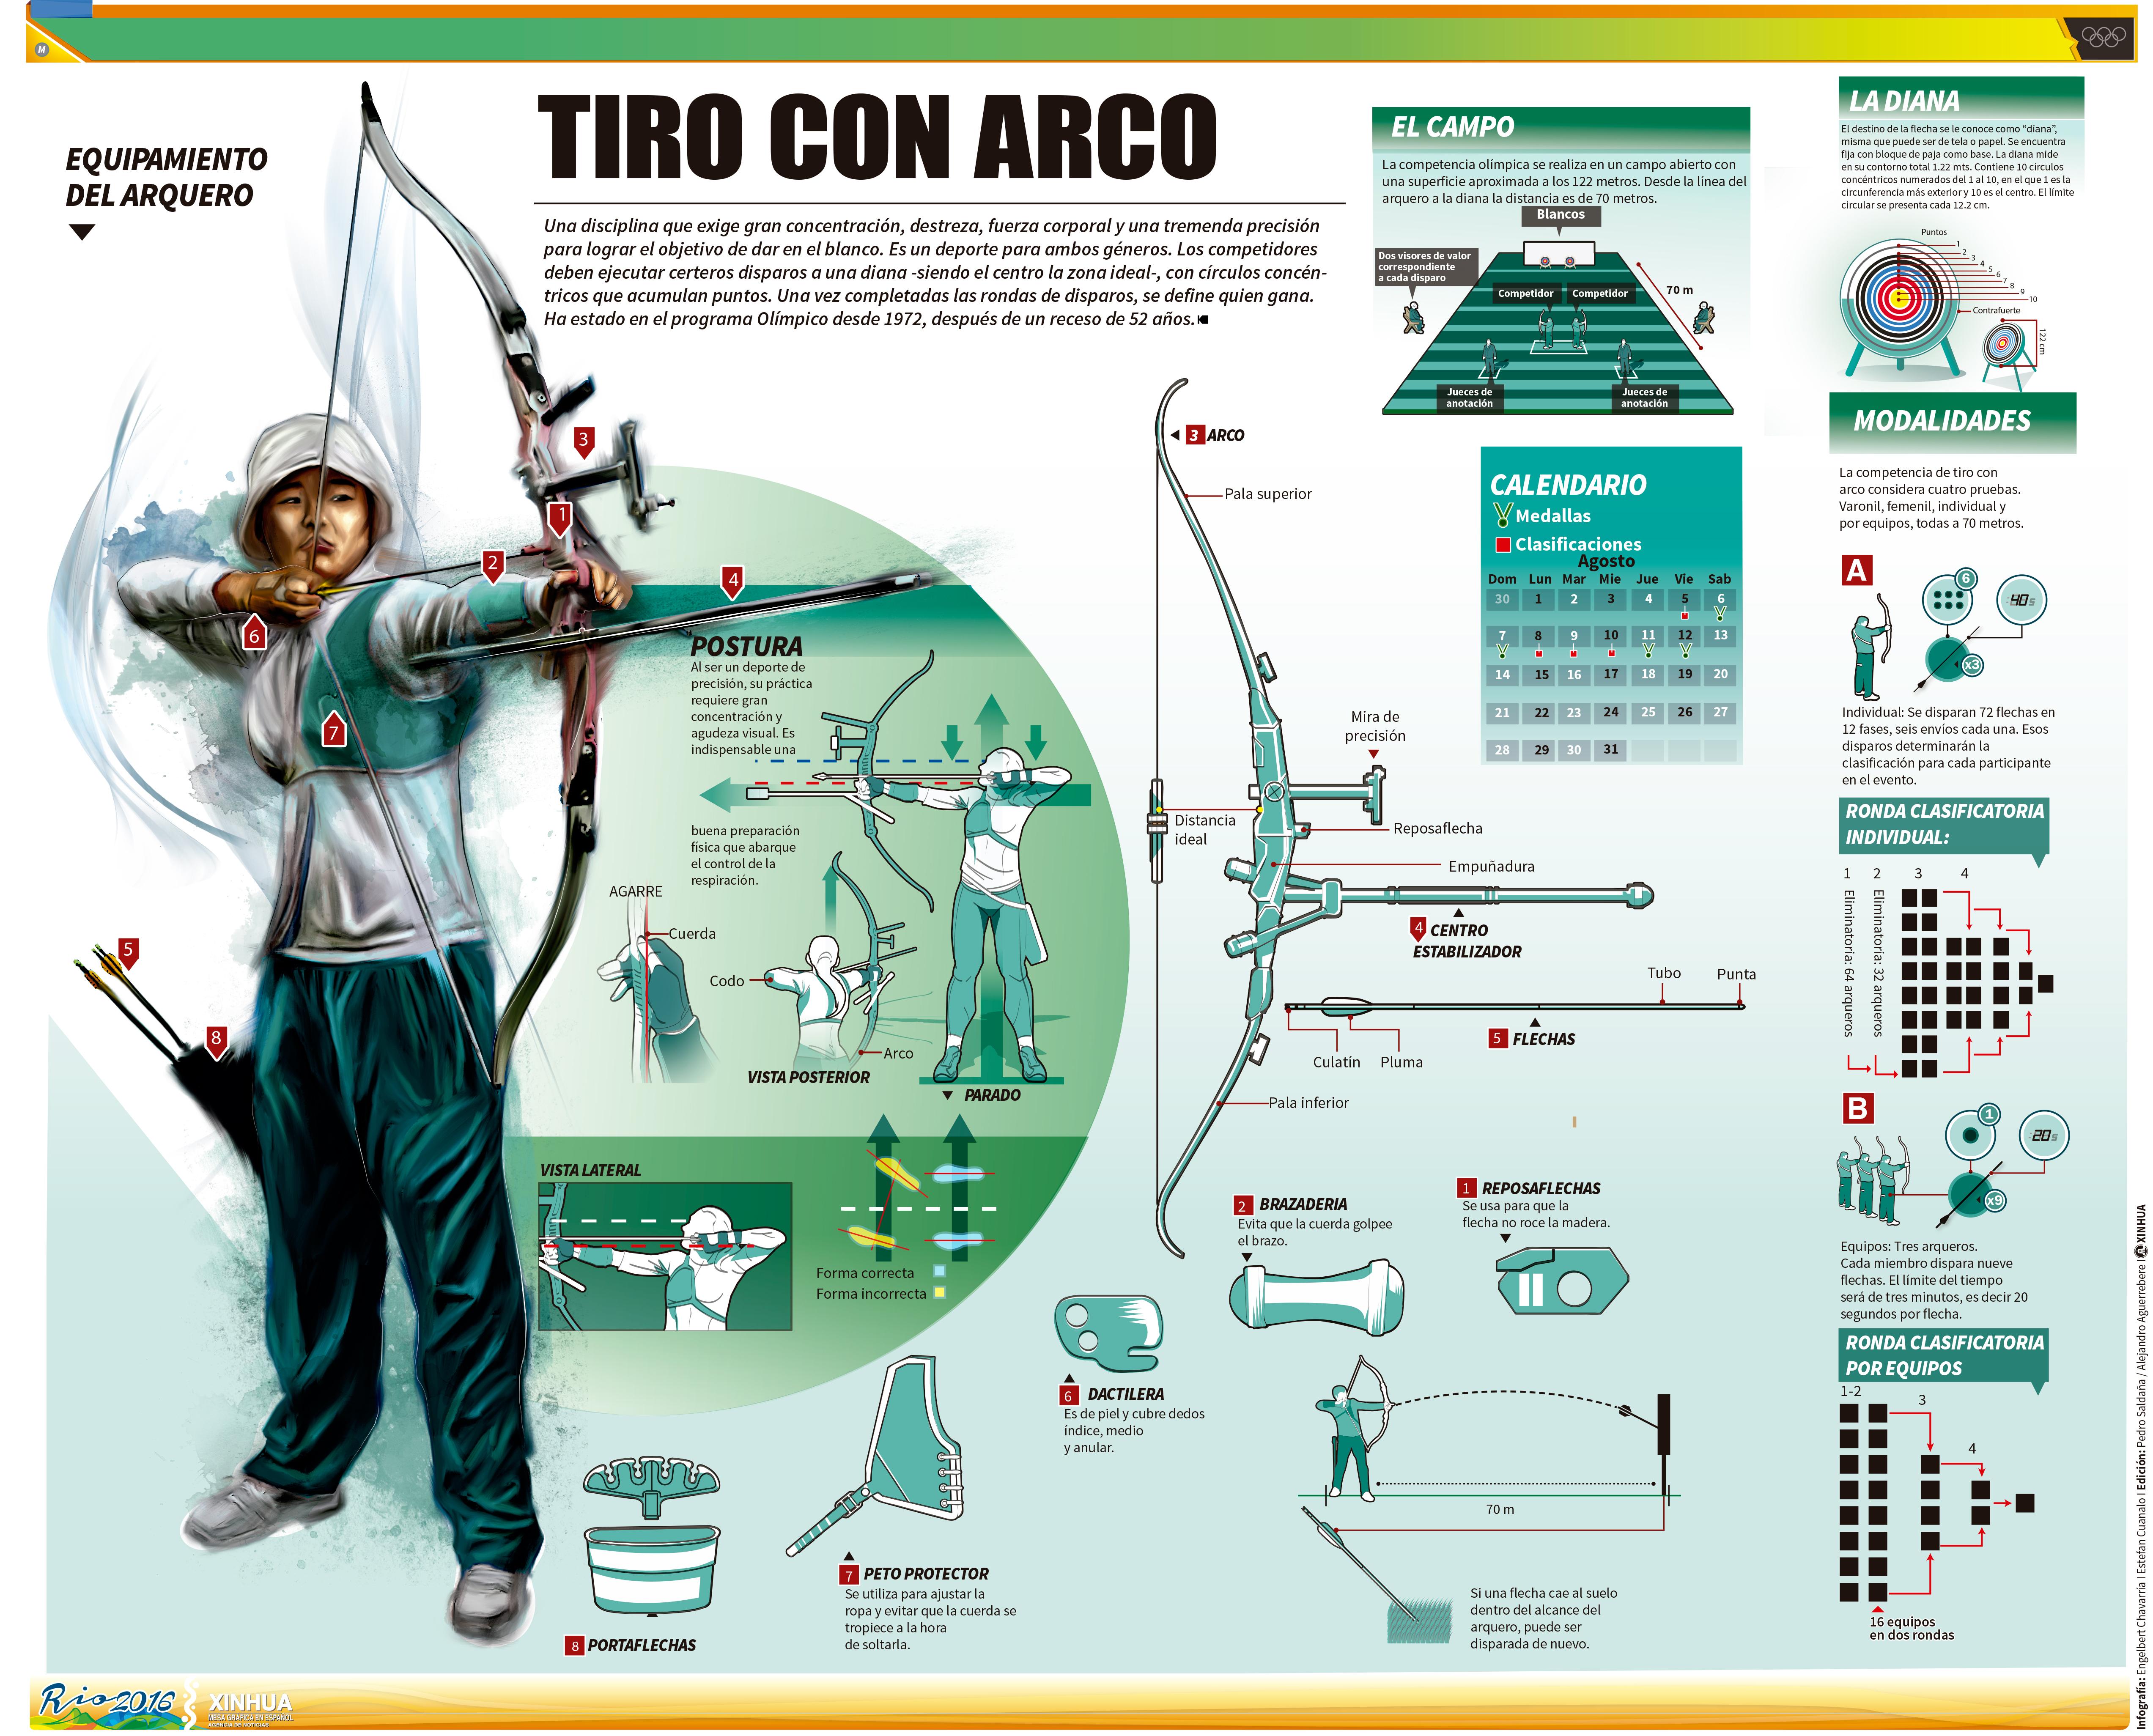 TIROCON ARCO